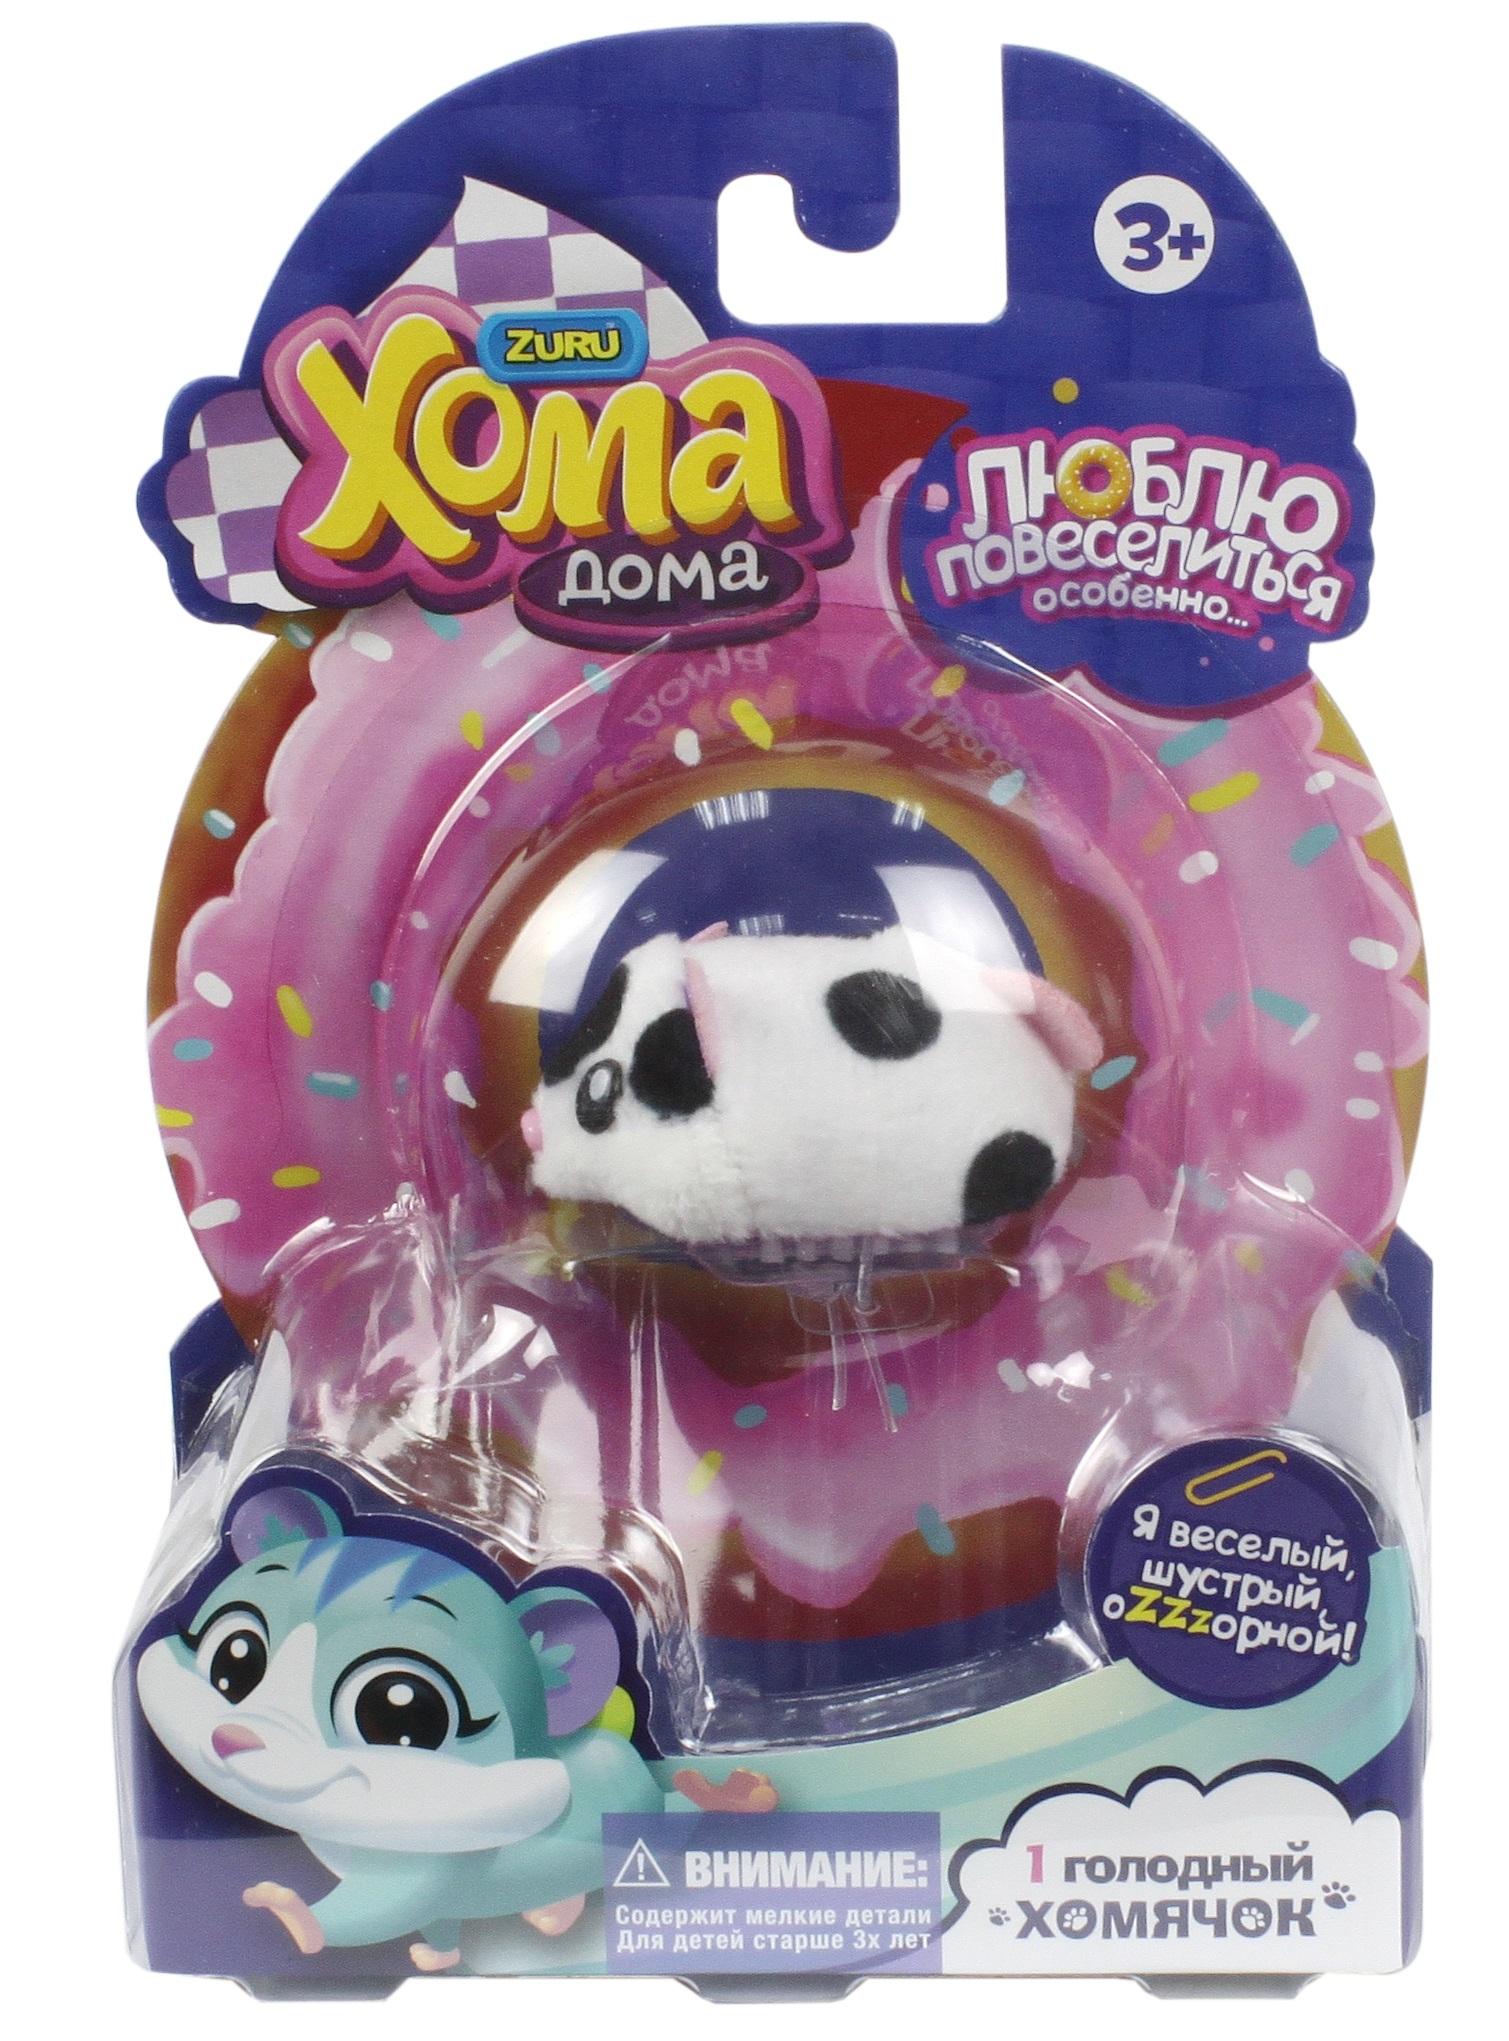 Фото - Интерактивная игрушка 1toy Хомячок черно-белый интерактивные животные 1toy хомячок 1toy хома дома коричневый